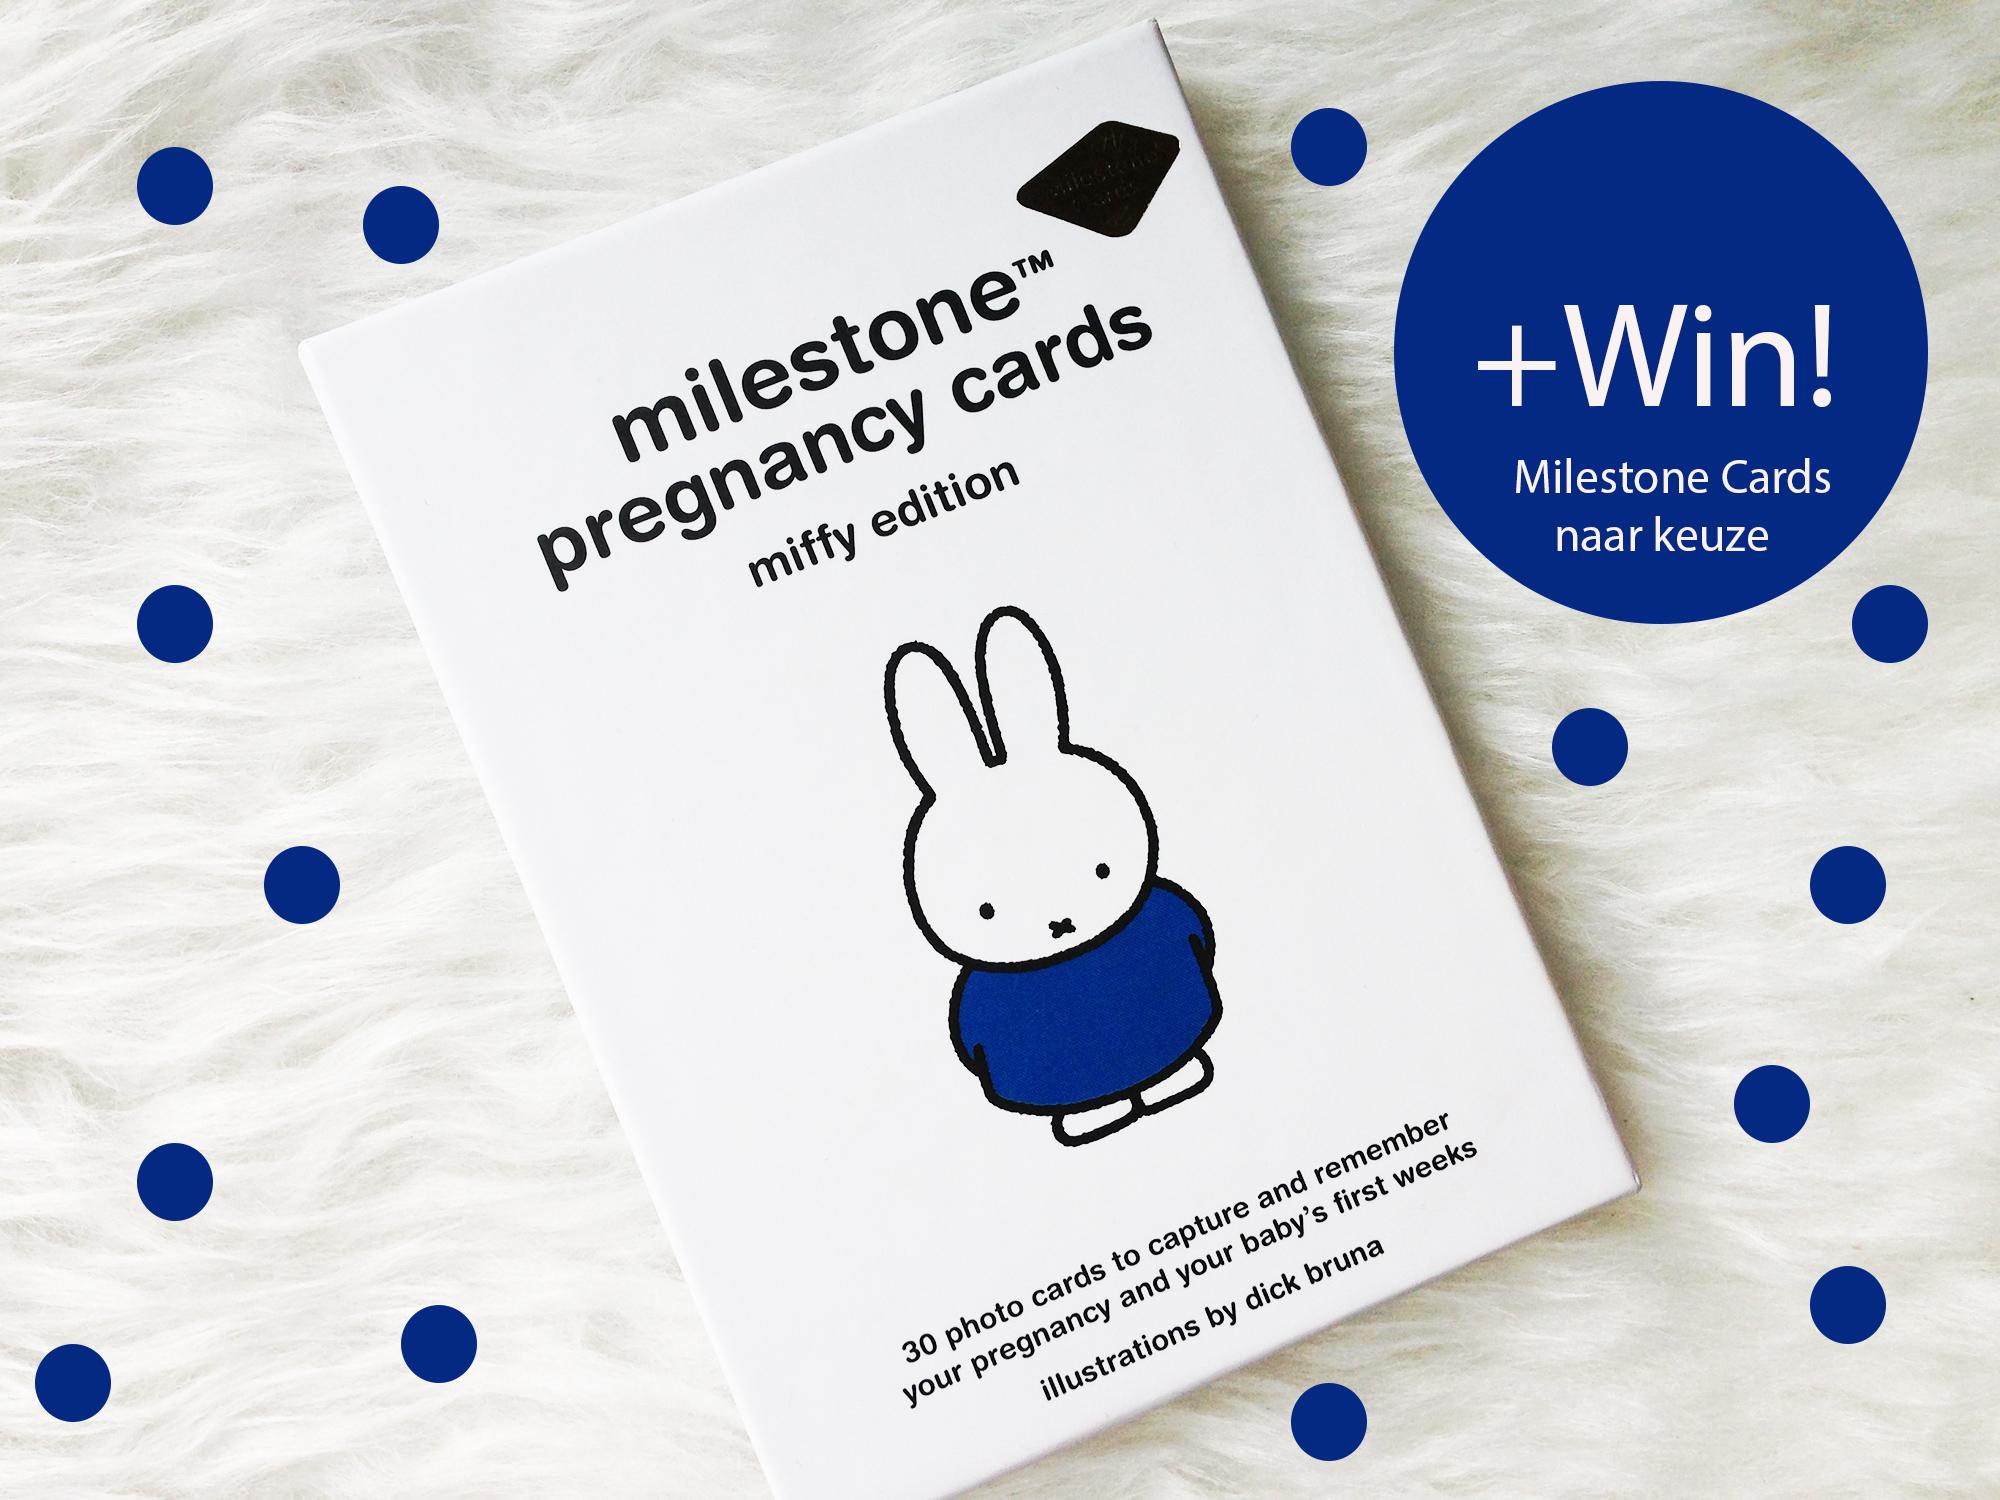 Milestone Cards & Winactie!